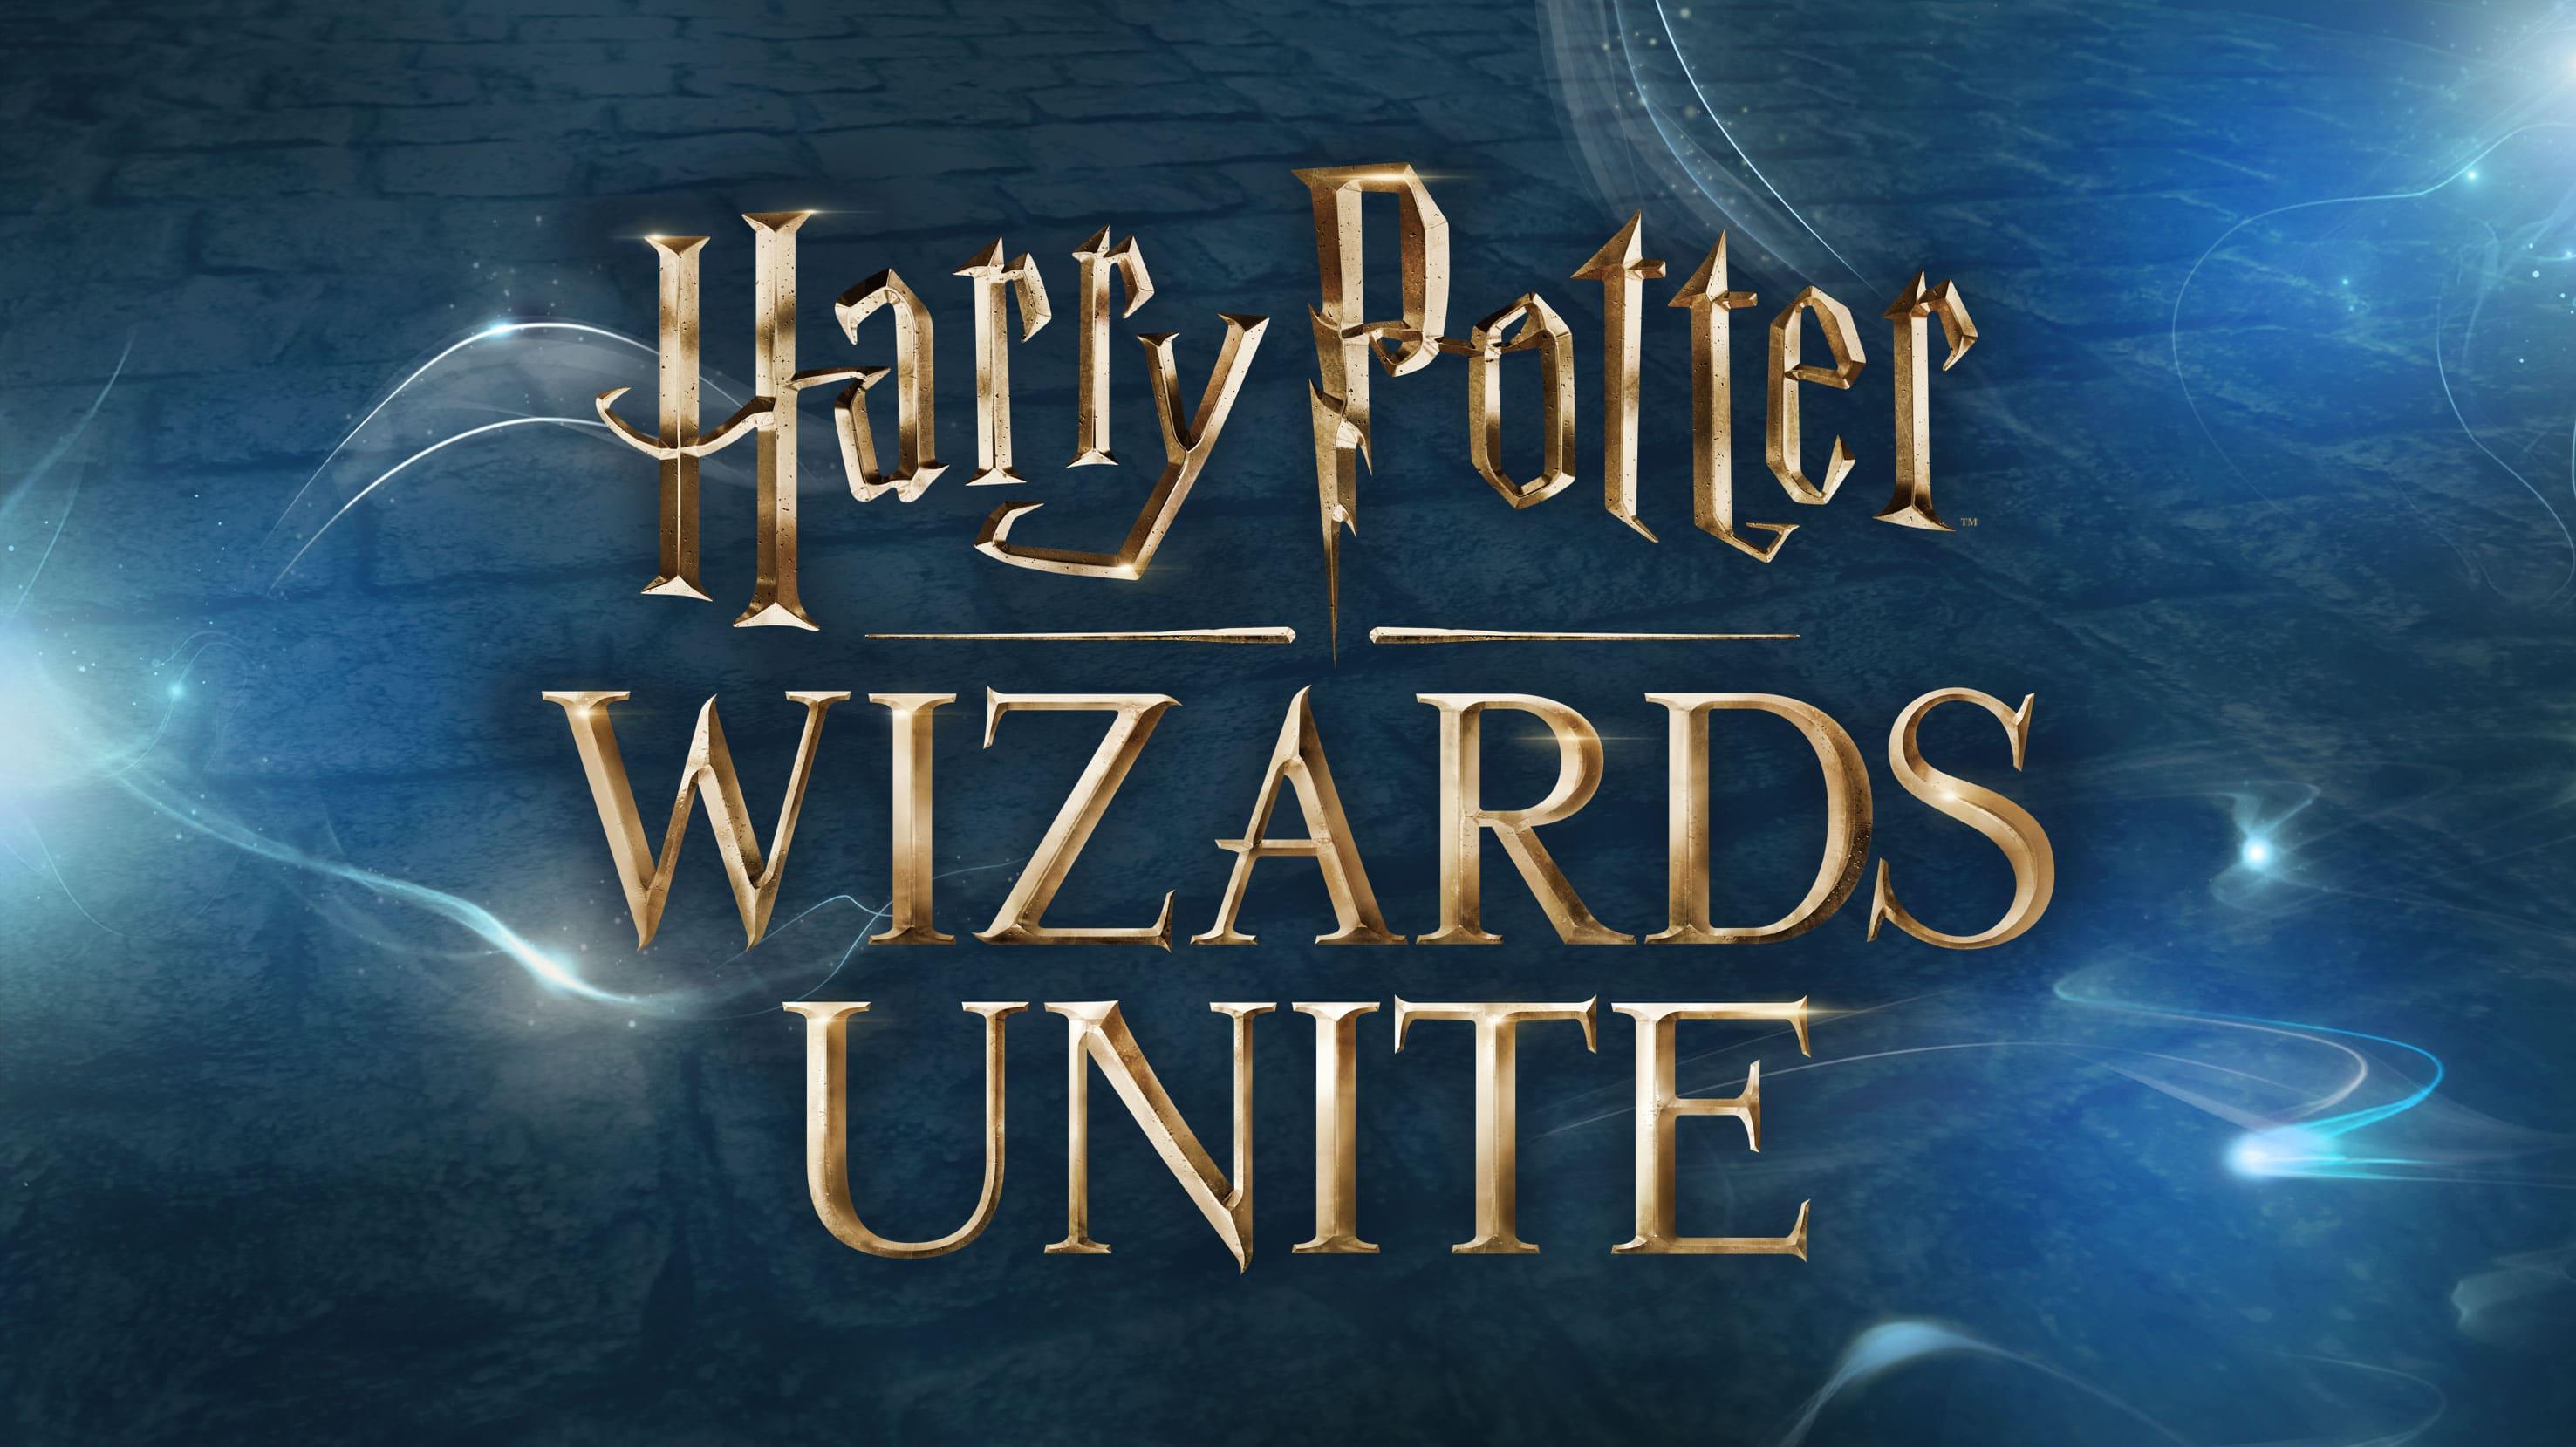 Nous avons joué à Harry Potter Wizards Unite : toutes les infos sur le jeu ici !